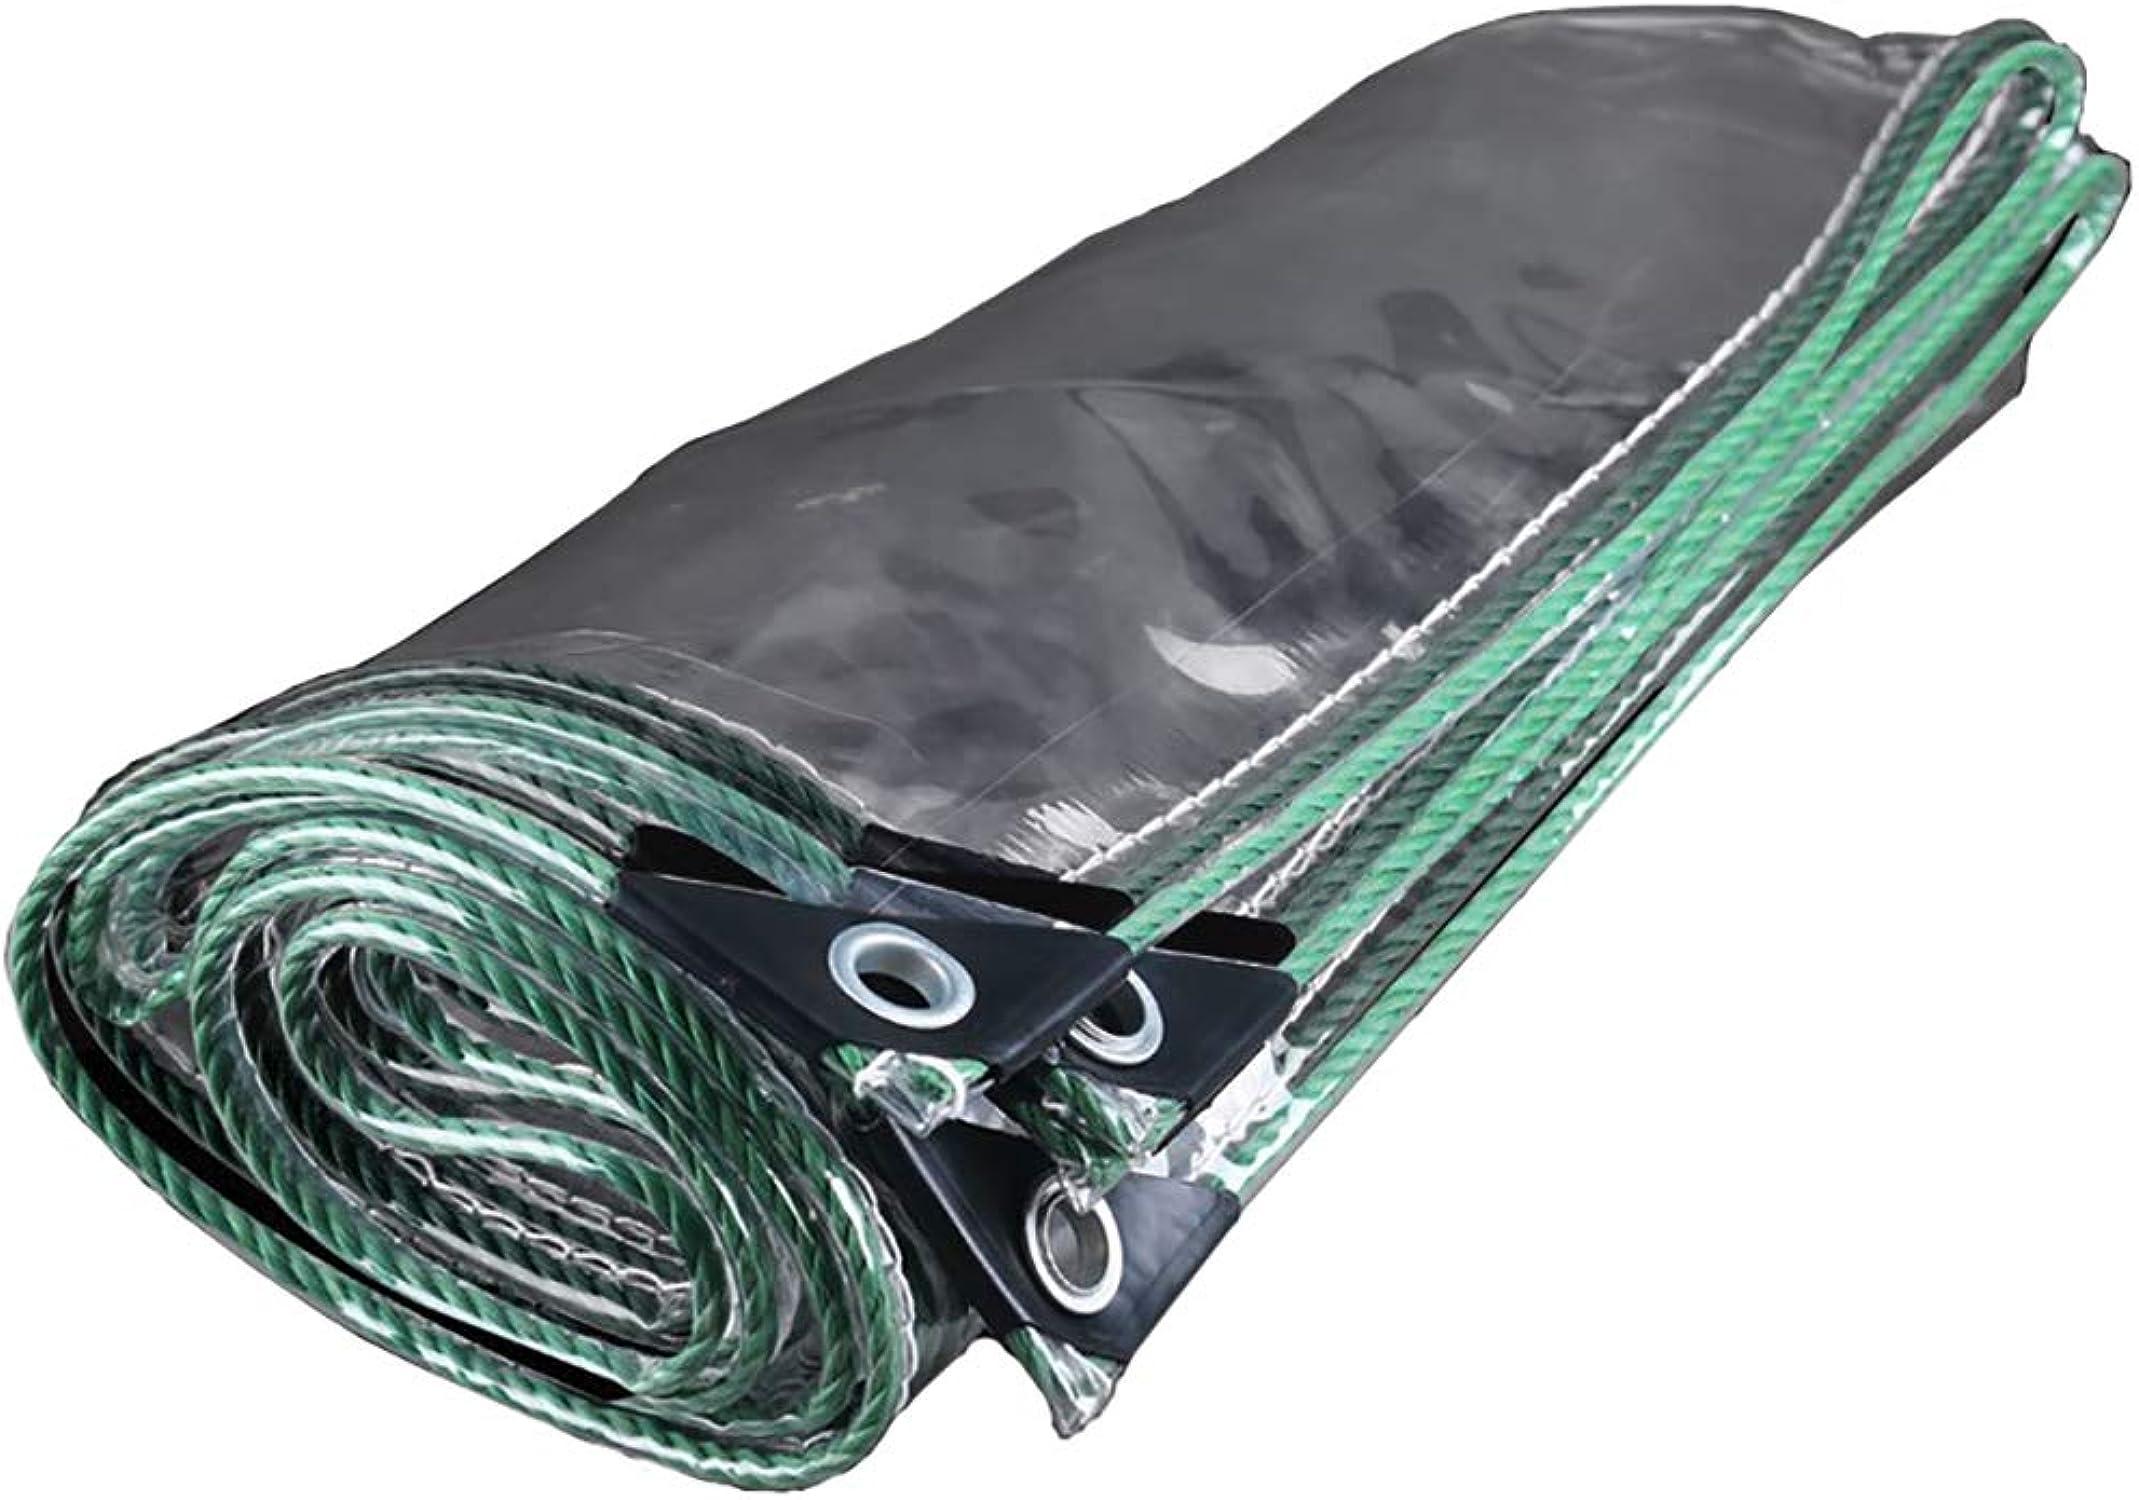 100% Impermeable Transparente De Lona Exterior Planta Pesada Cobertizo Panel De Piso A Prueba De Polvo De PVC Tela De Plástico Tienda De Campaa Lona (Talla   2x2.5m)